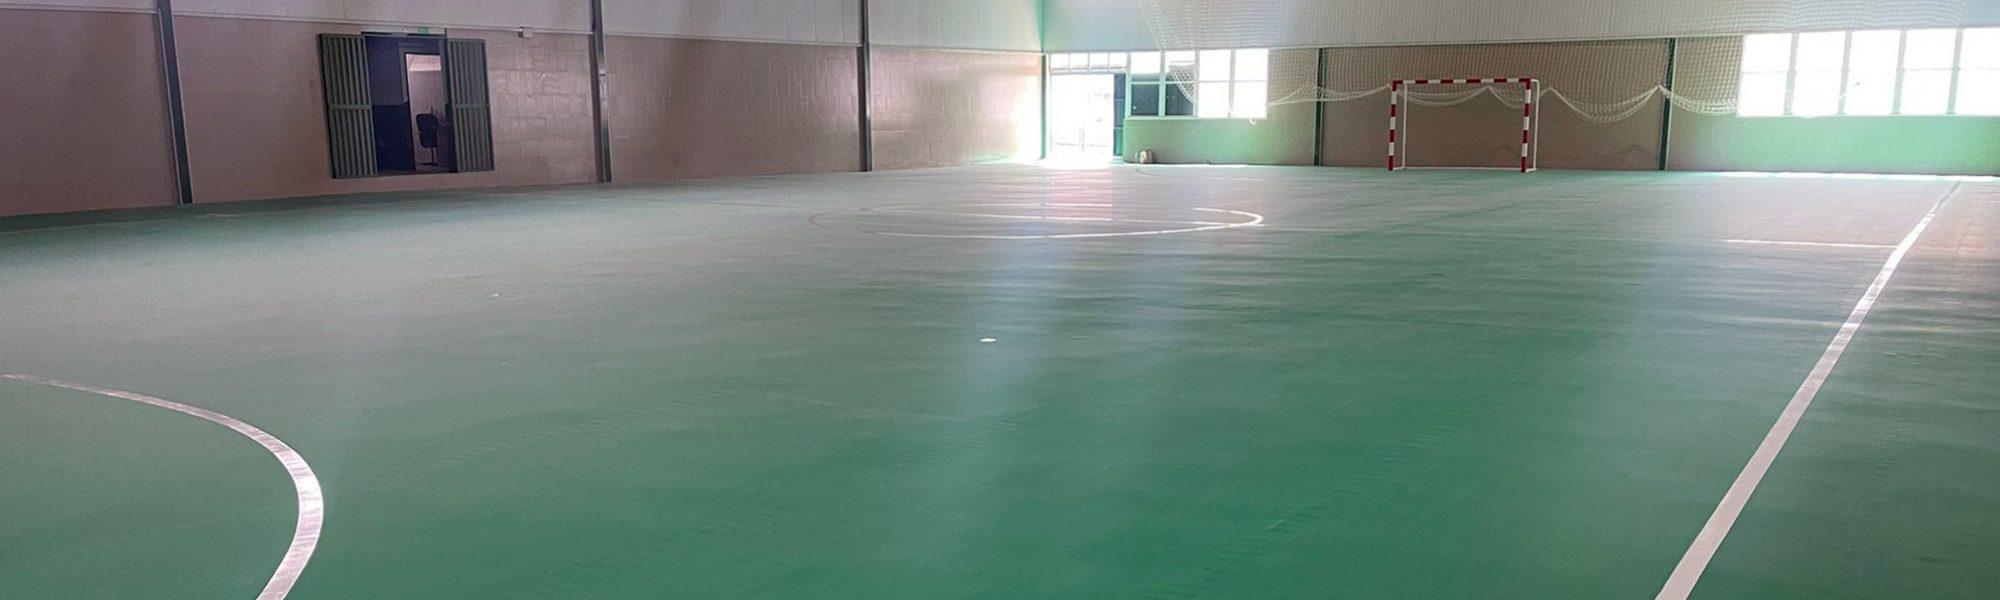 Pabellón 'La Antigua' de Mérida, equipado con pavimento Mondoflex 2,5 + Everlay 4,7